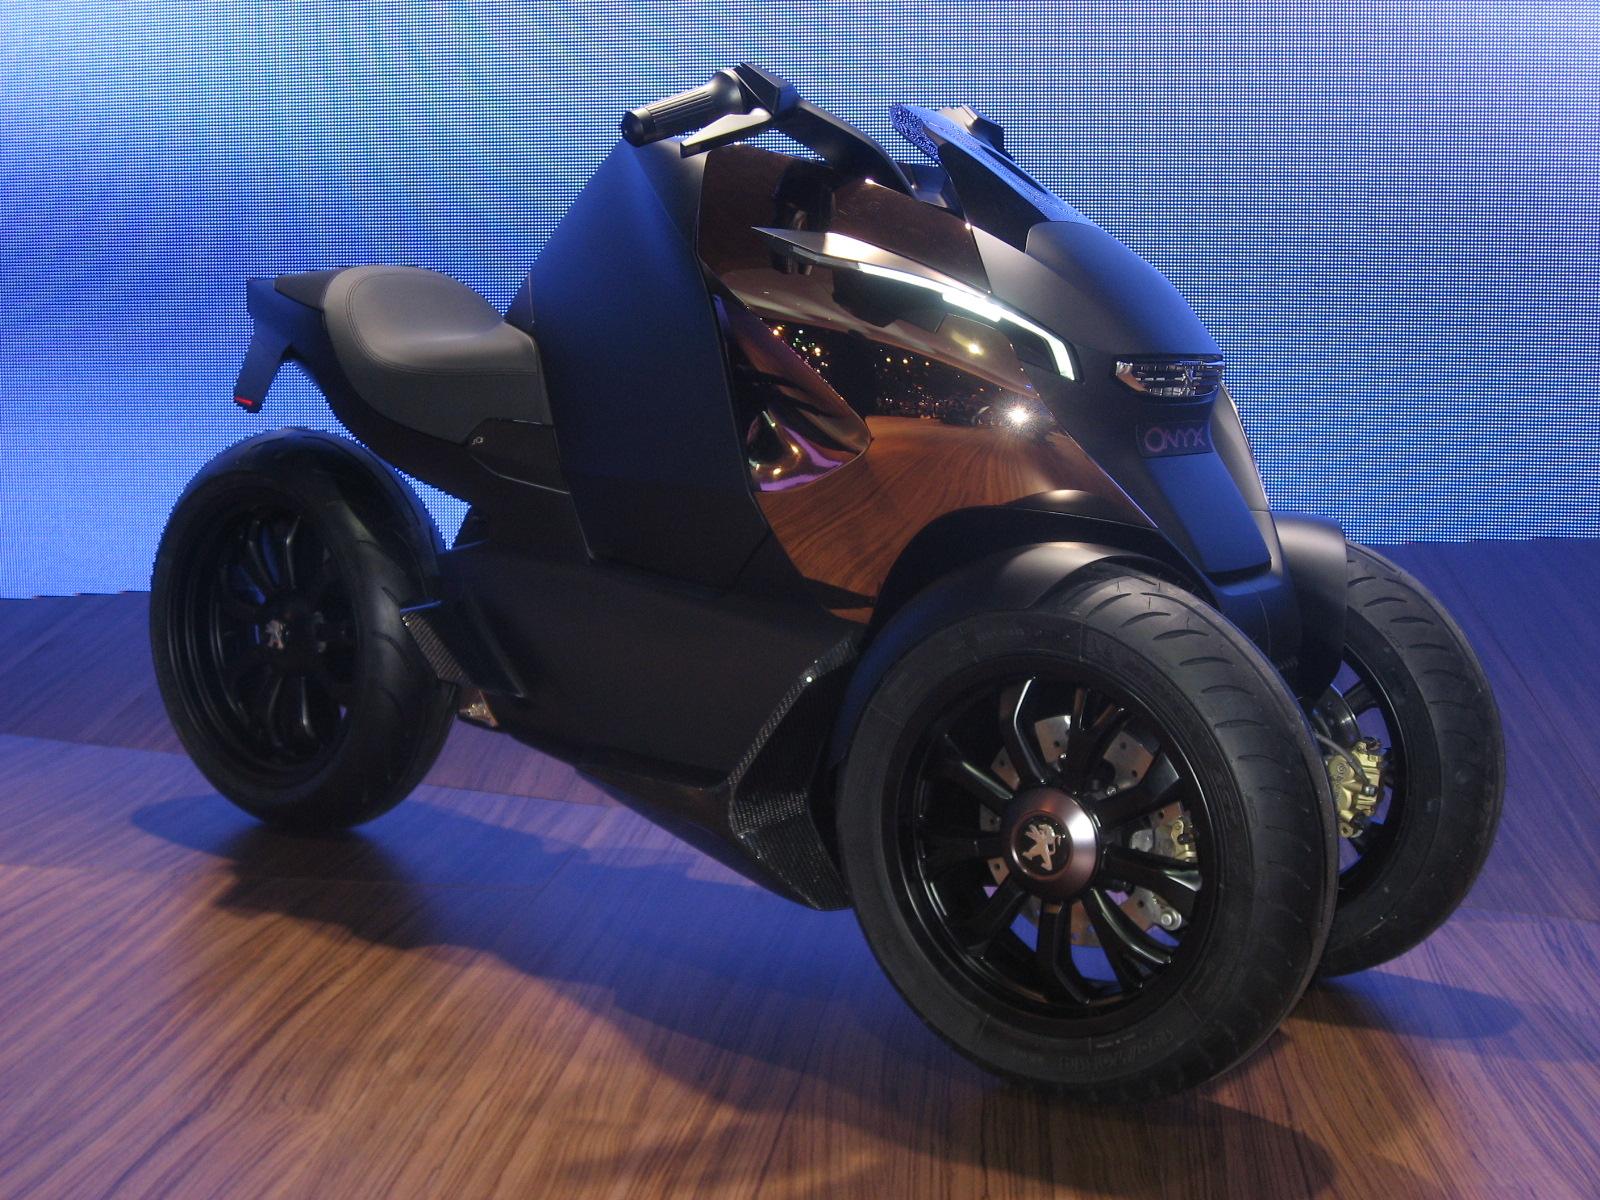 http://images.caradisiac.com/images/1/4/3/0/81430/S0-En-direct-du-Mondial-de-Paris-2012-le-concept-Peugeot-Scooter-Onyx-a-l-honneur-273957.jpg